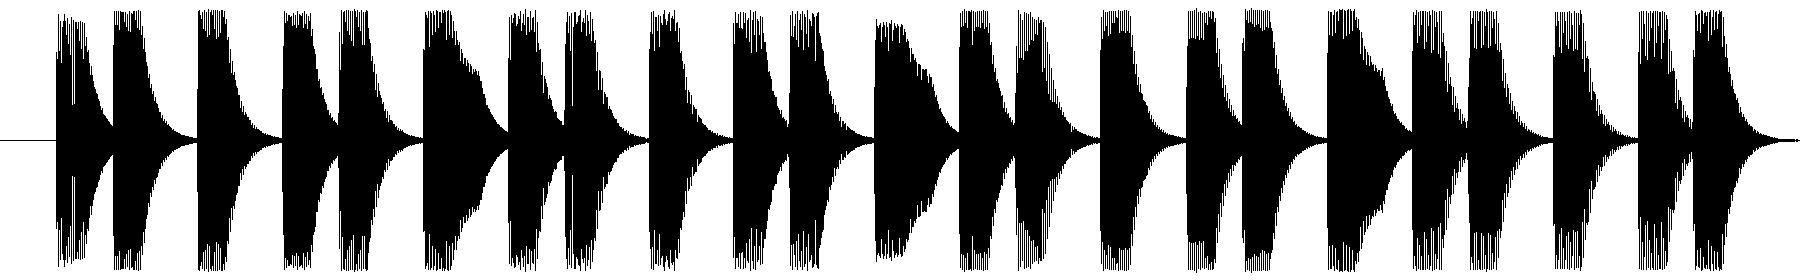 ehu basslp 128 028 g